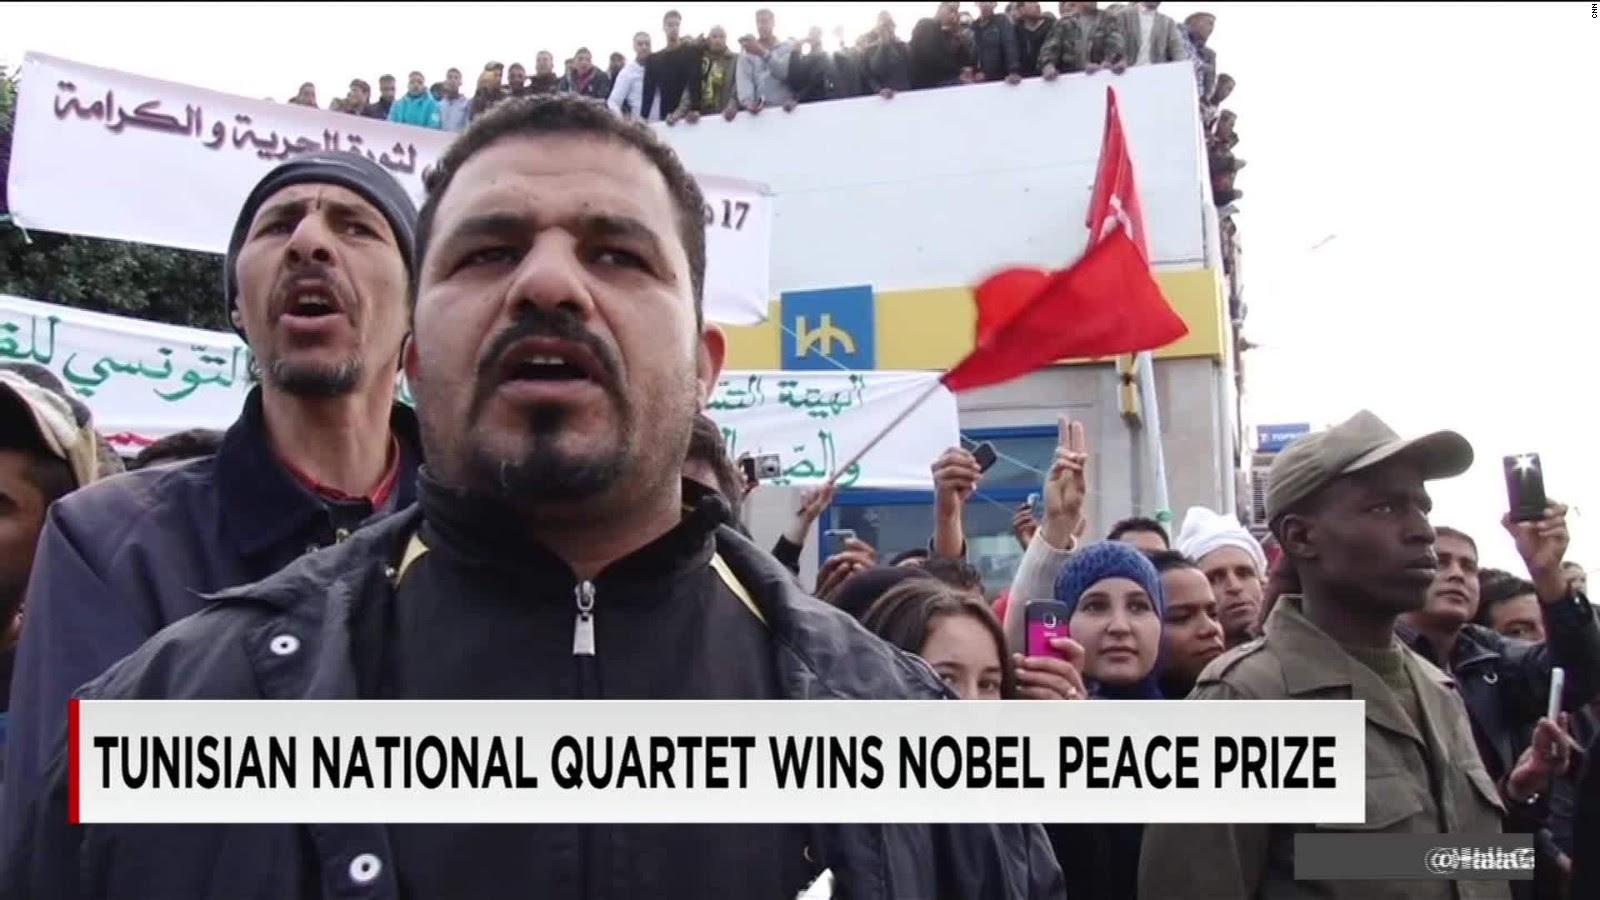 Che cosa significa il Premio Nobel in Tunisia?